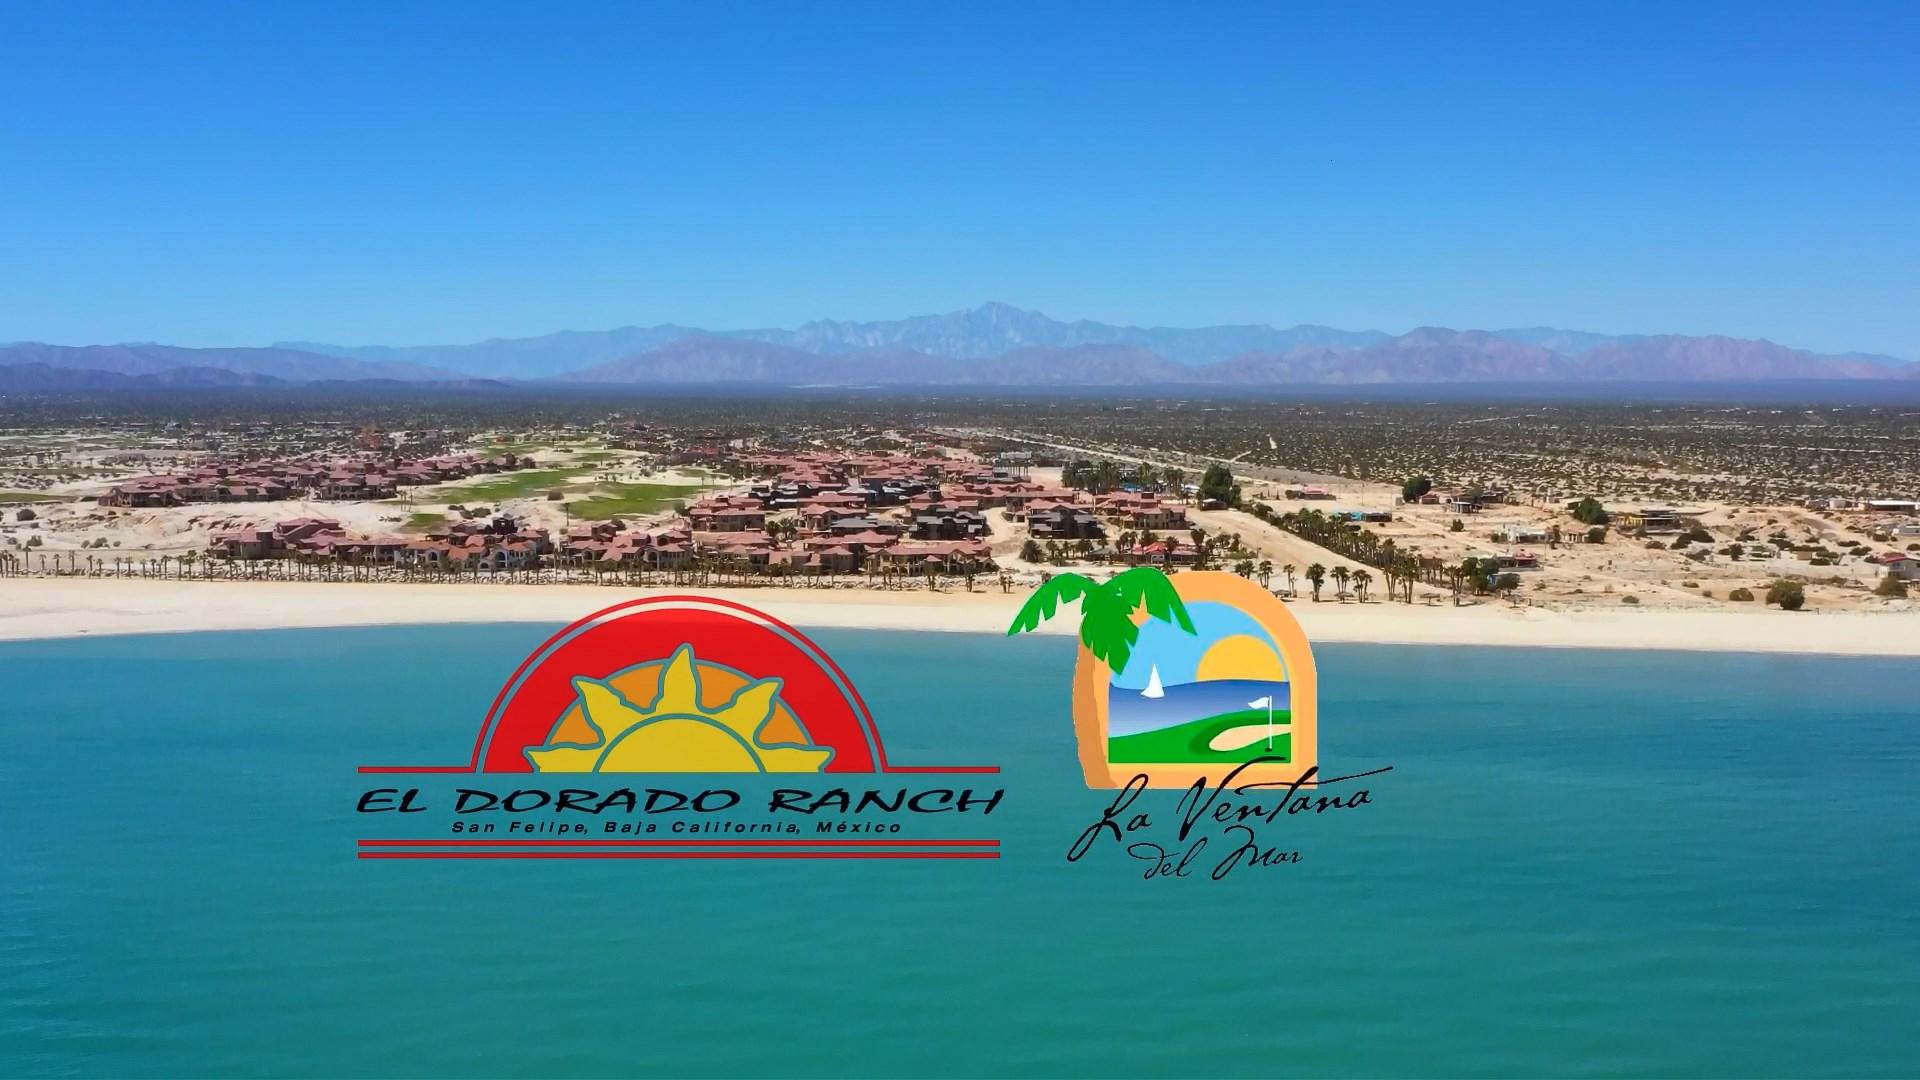 El Dorado Ranch - La Ventana del Mar